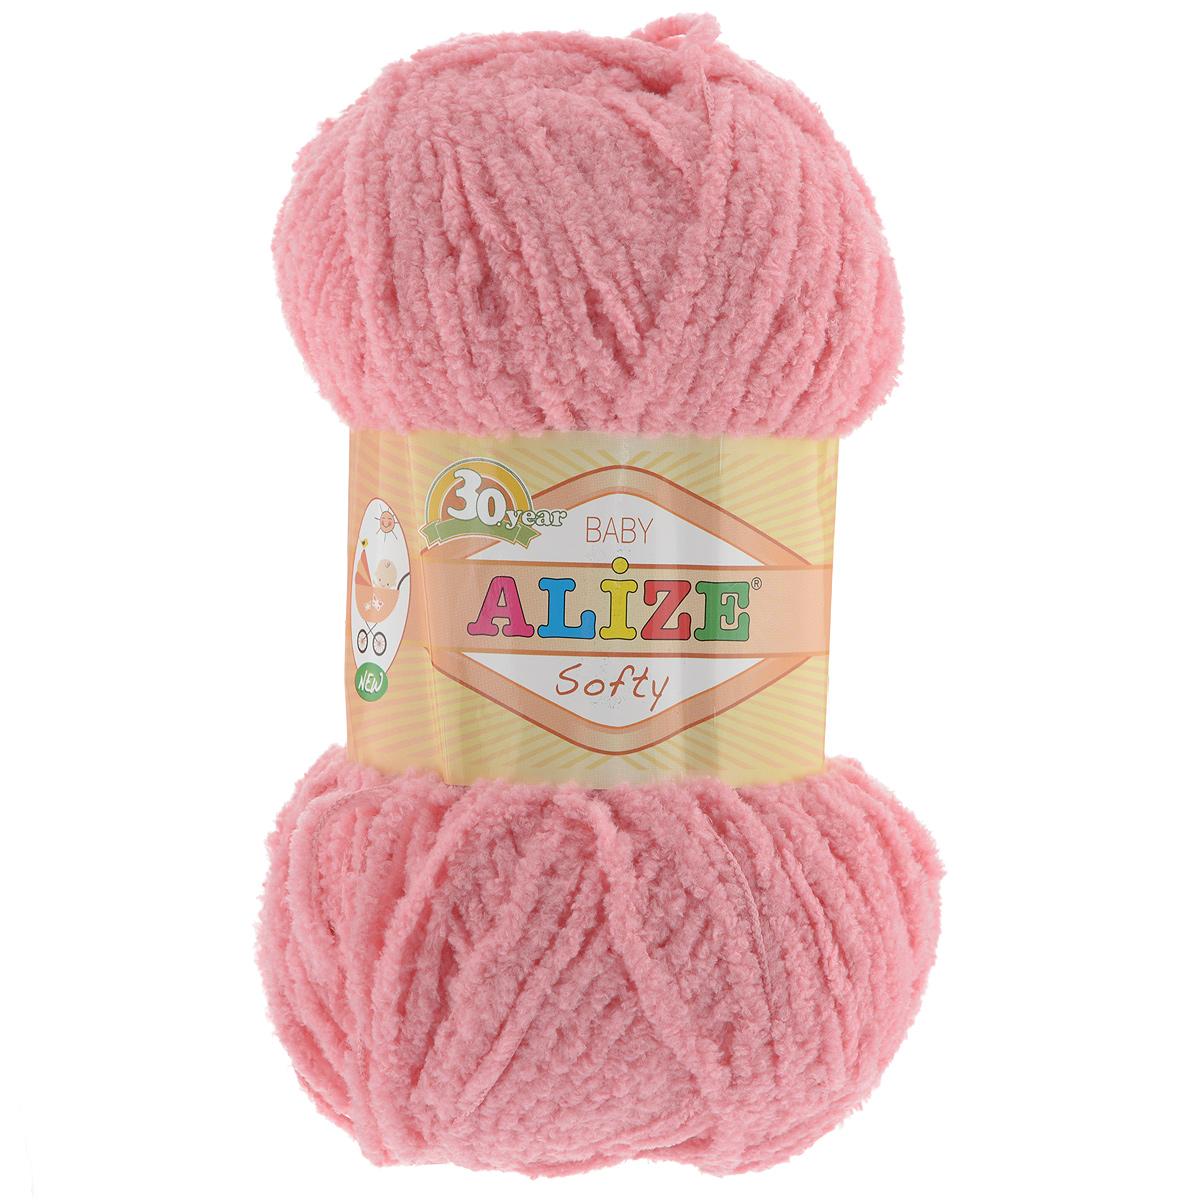 Пряжа для вязания Alize Softy, цвет: кораловый (265), 115 м, 50 г, 5 шт694530_265Пряжа для вязания Alize Softy изготовлена из микрополиэстера. Фантазийная плюшевая пряжа для ручного вязания прекрасно подойдет для детской одежды. Ниточка мягкая и приятная на ощупь. Подходит для вязания спицами и крючком. Рекомендованные спицы 3-5 мм и крючок для вязания 2-4 мм. Комплектация: 5 мотков.